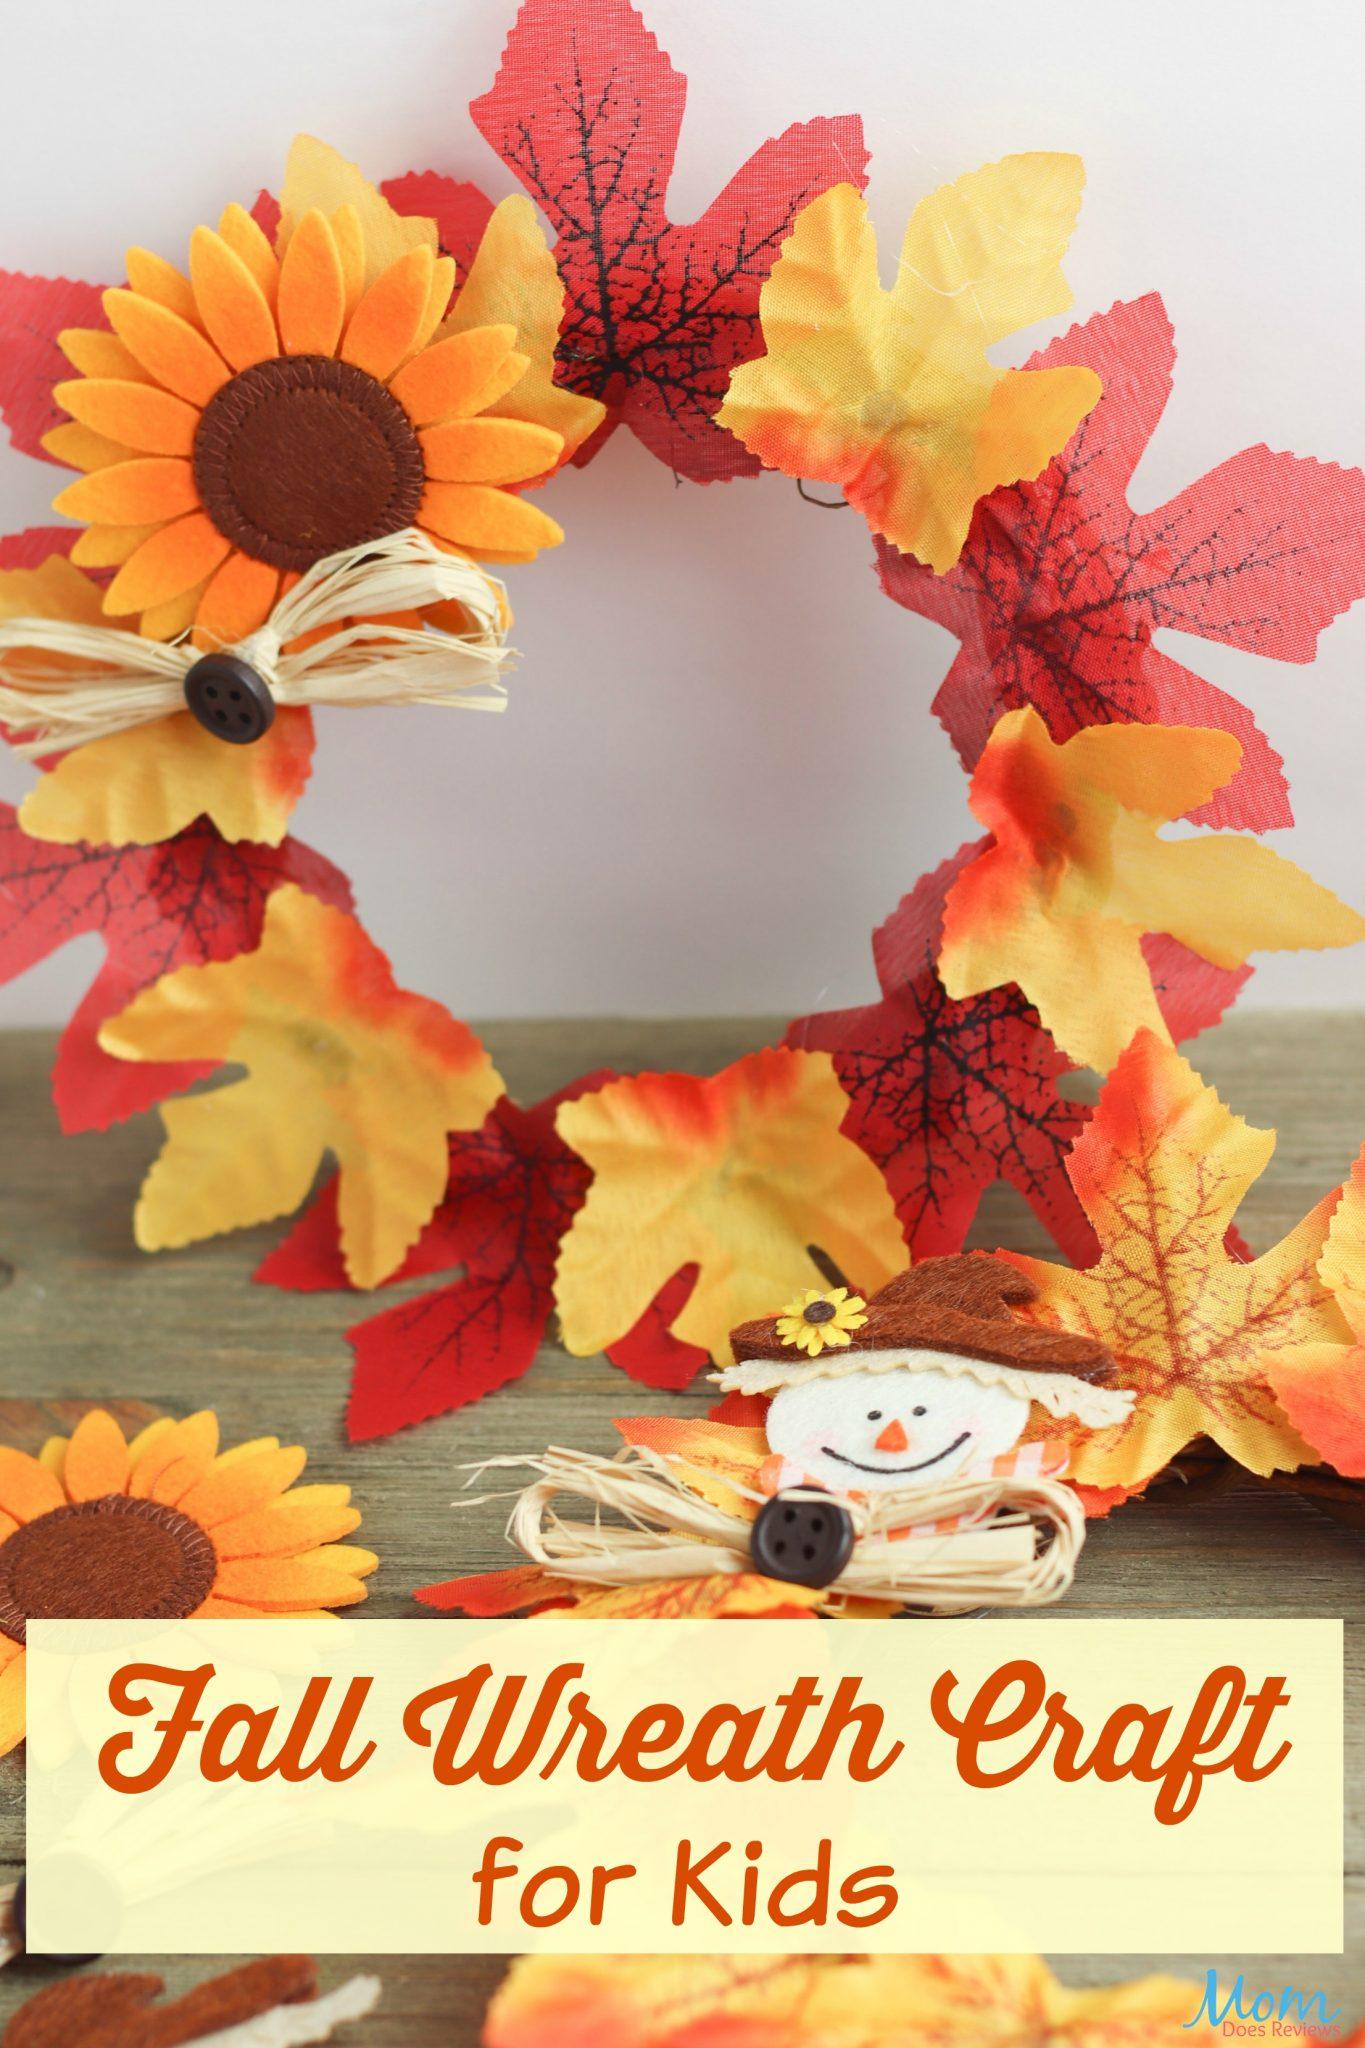 Fall Wreath Craft for Kids  #crafts #easycrafts #fallwreath #diy